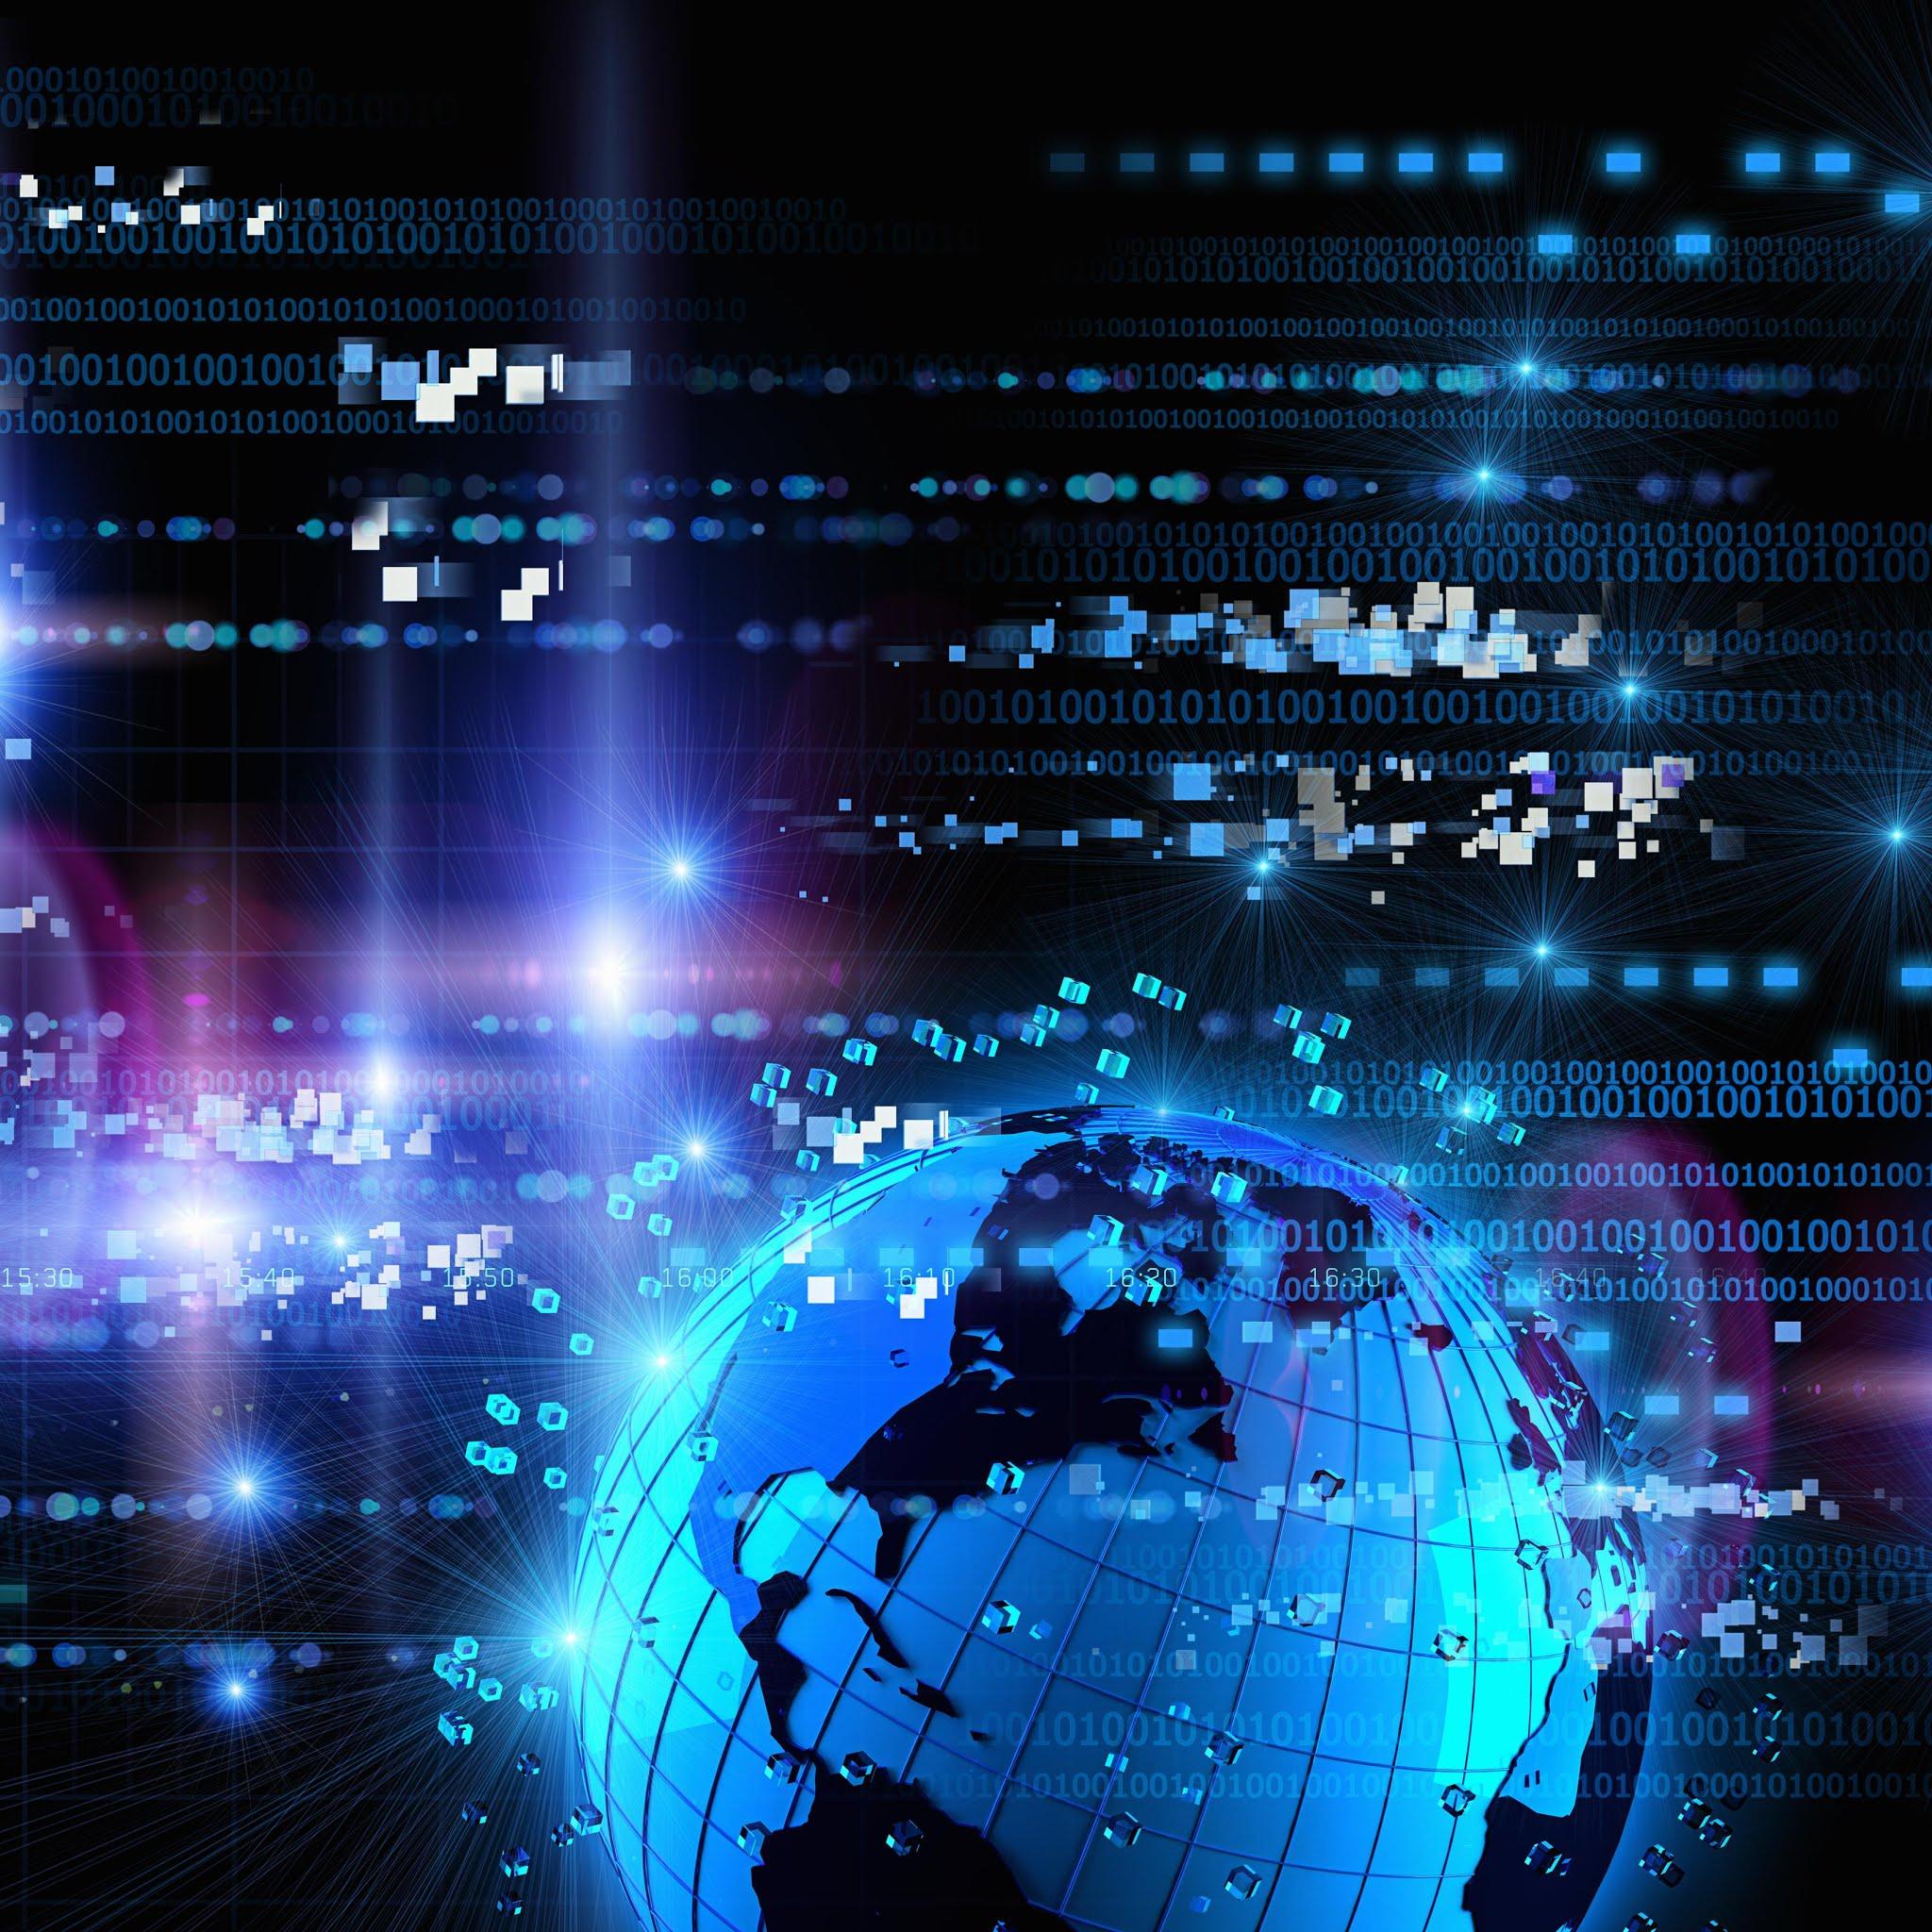 Italia nella Top 50 per velocità di connessione internet